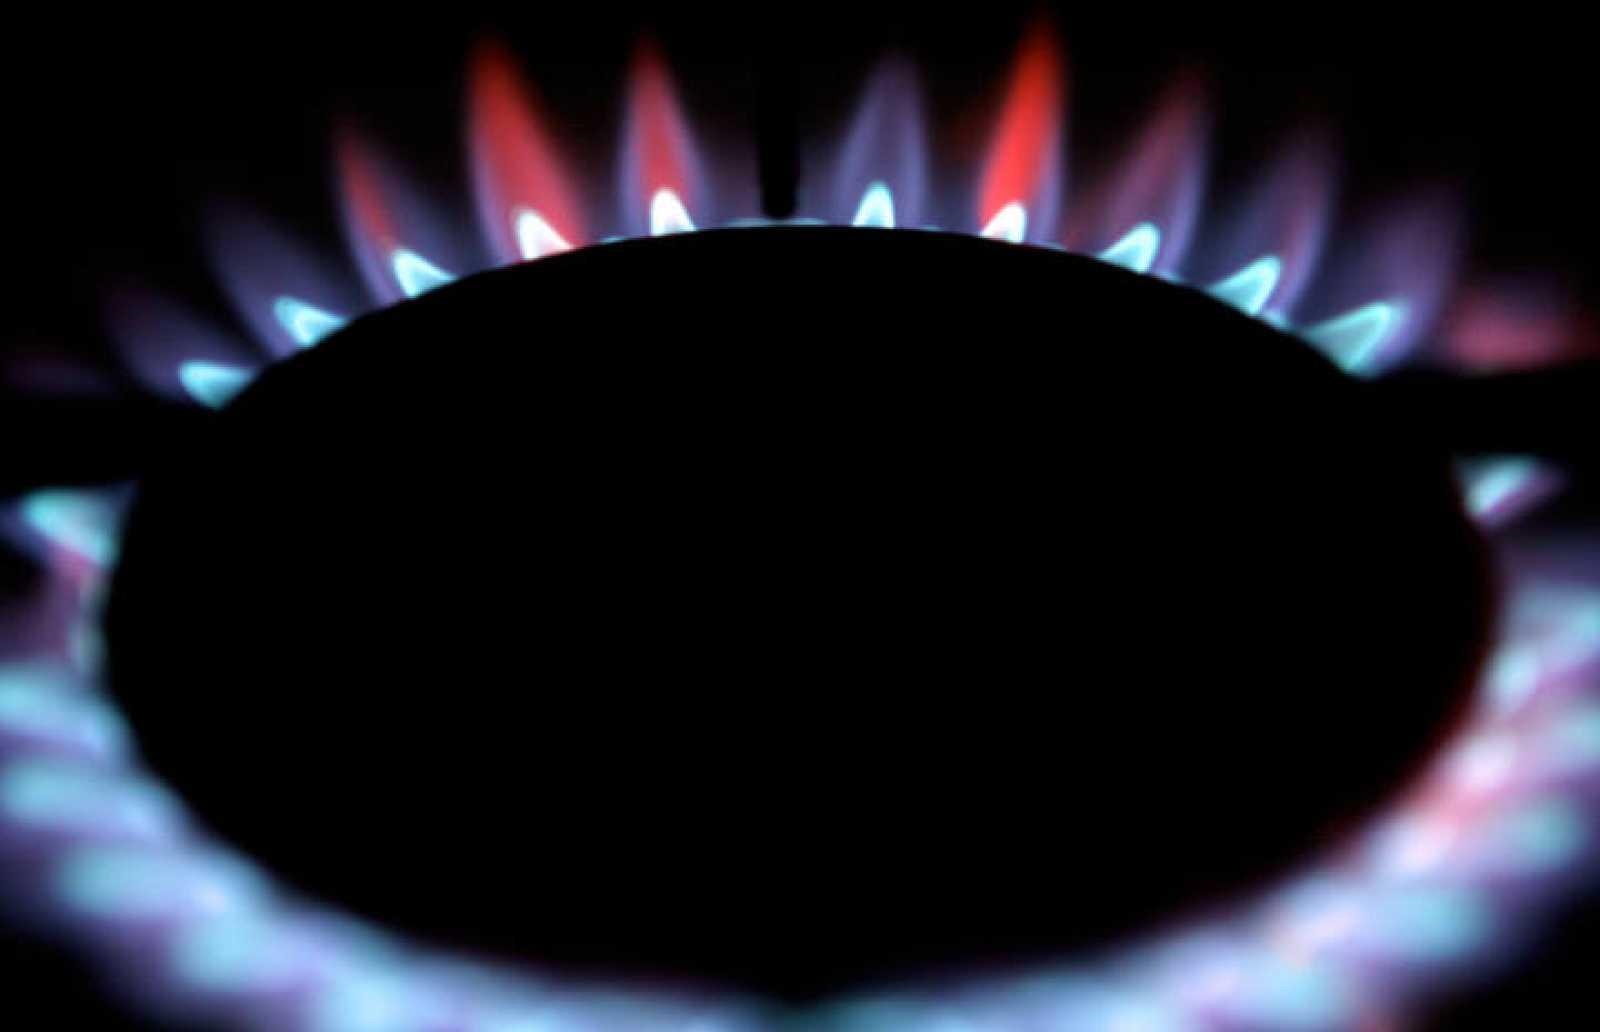 Quemador encendido de una cocina de gas